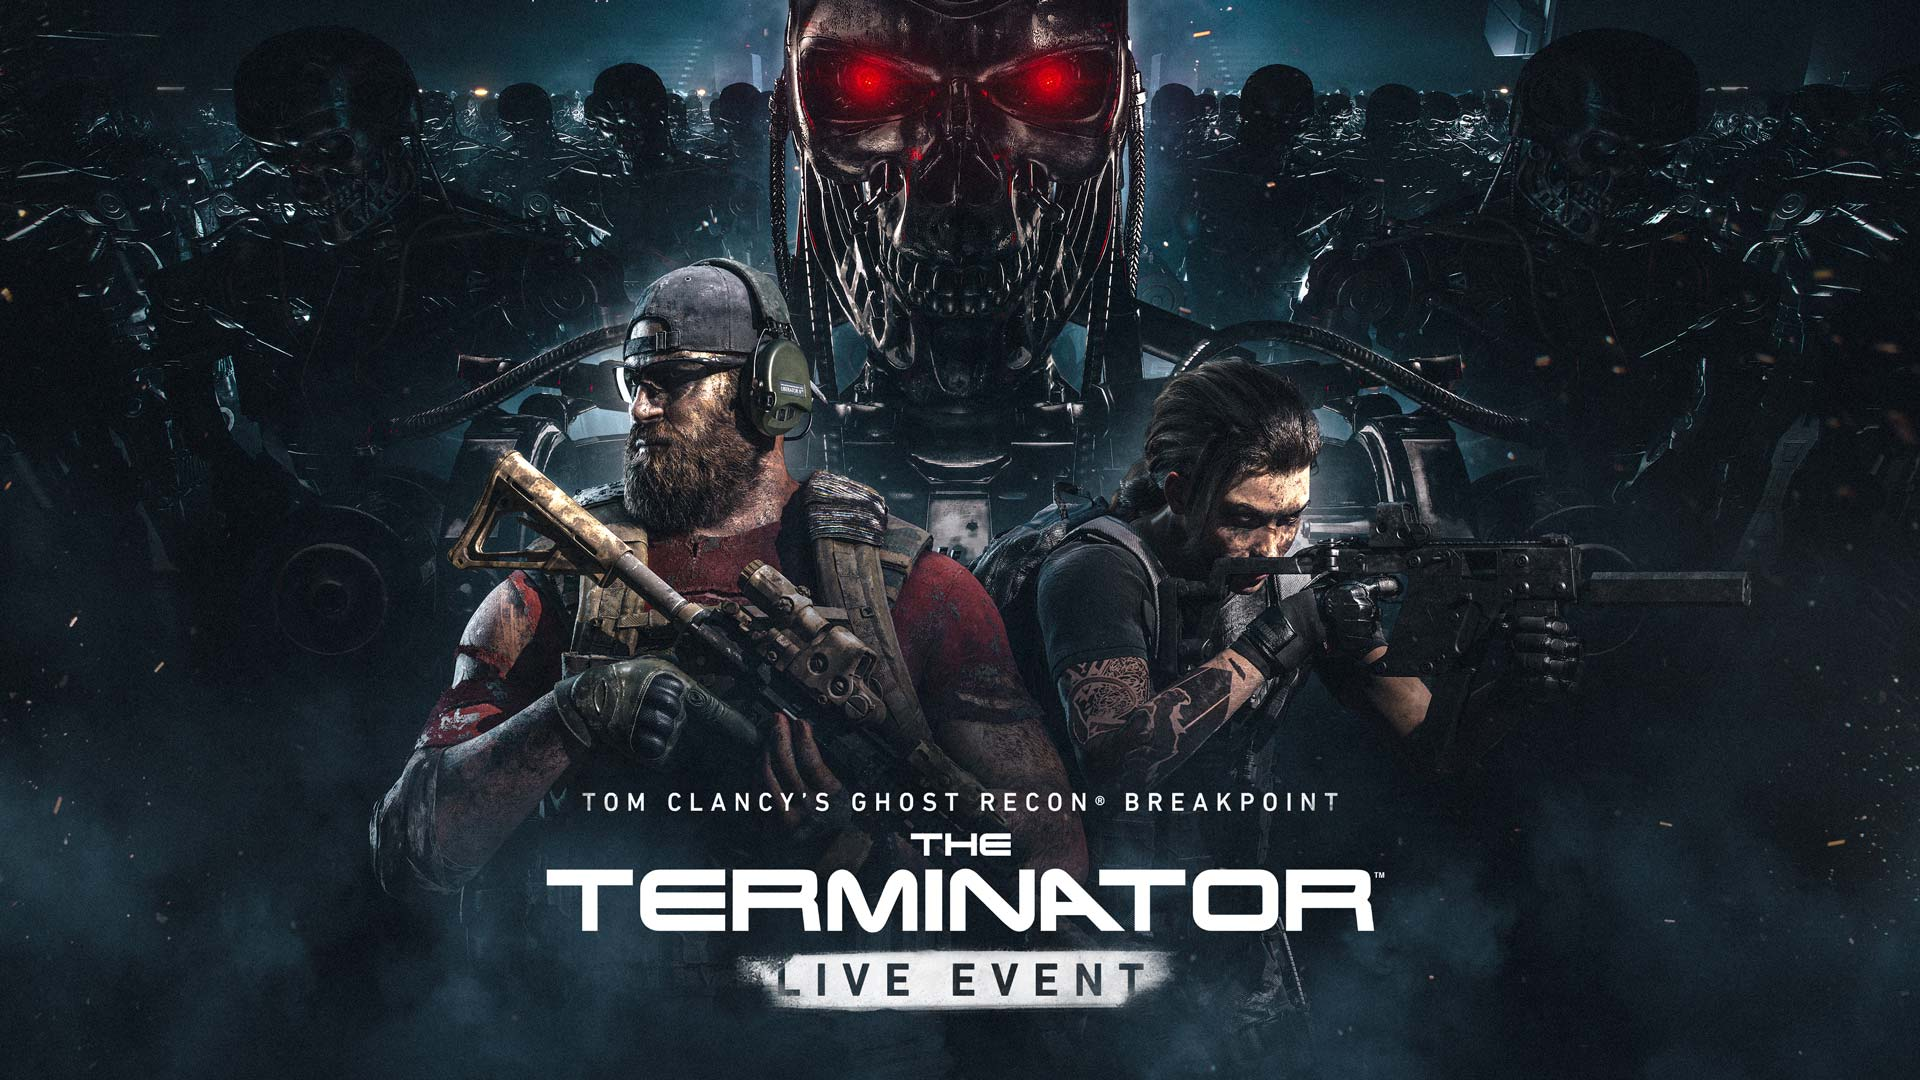 Terminator zmierza do Ghost Recon Breakpoint w specjalnym wydarzeniu 20